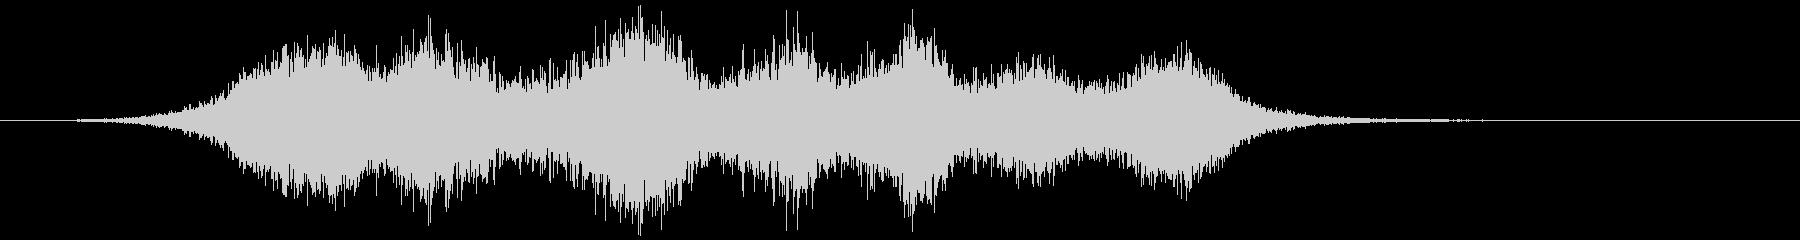 【ホラー】SFX_36 ヒューンッッの未再生の波形